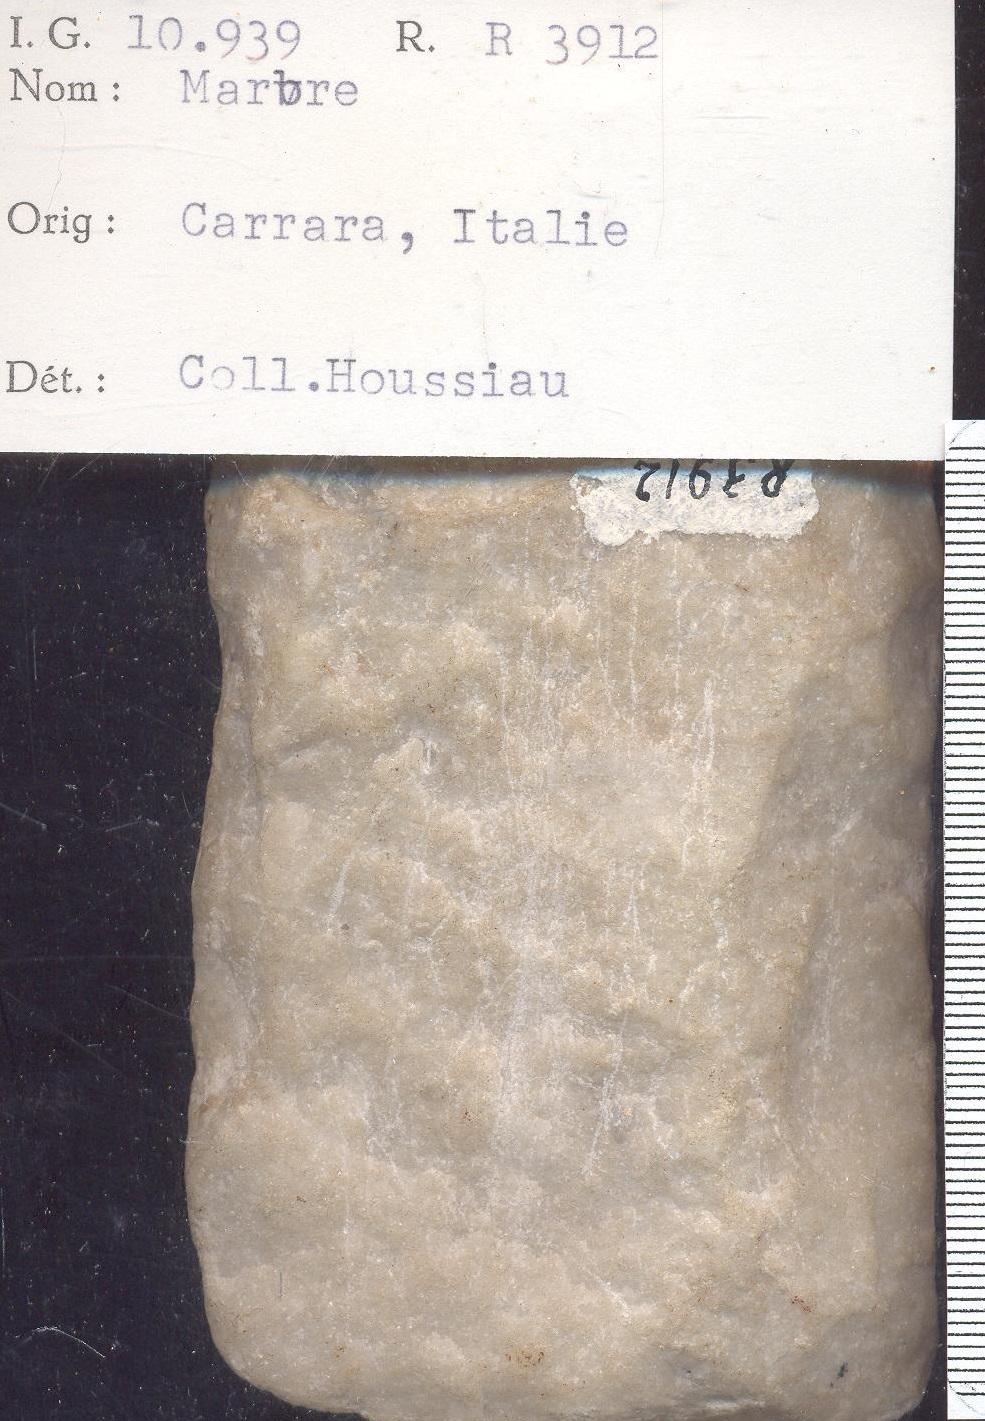 Carrara RR3912